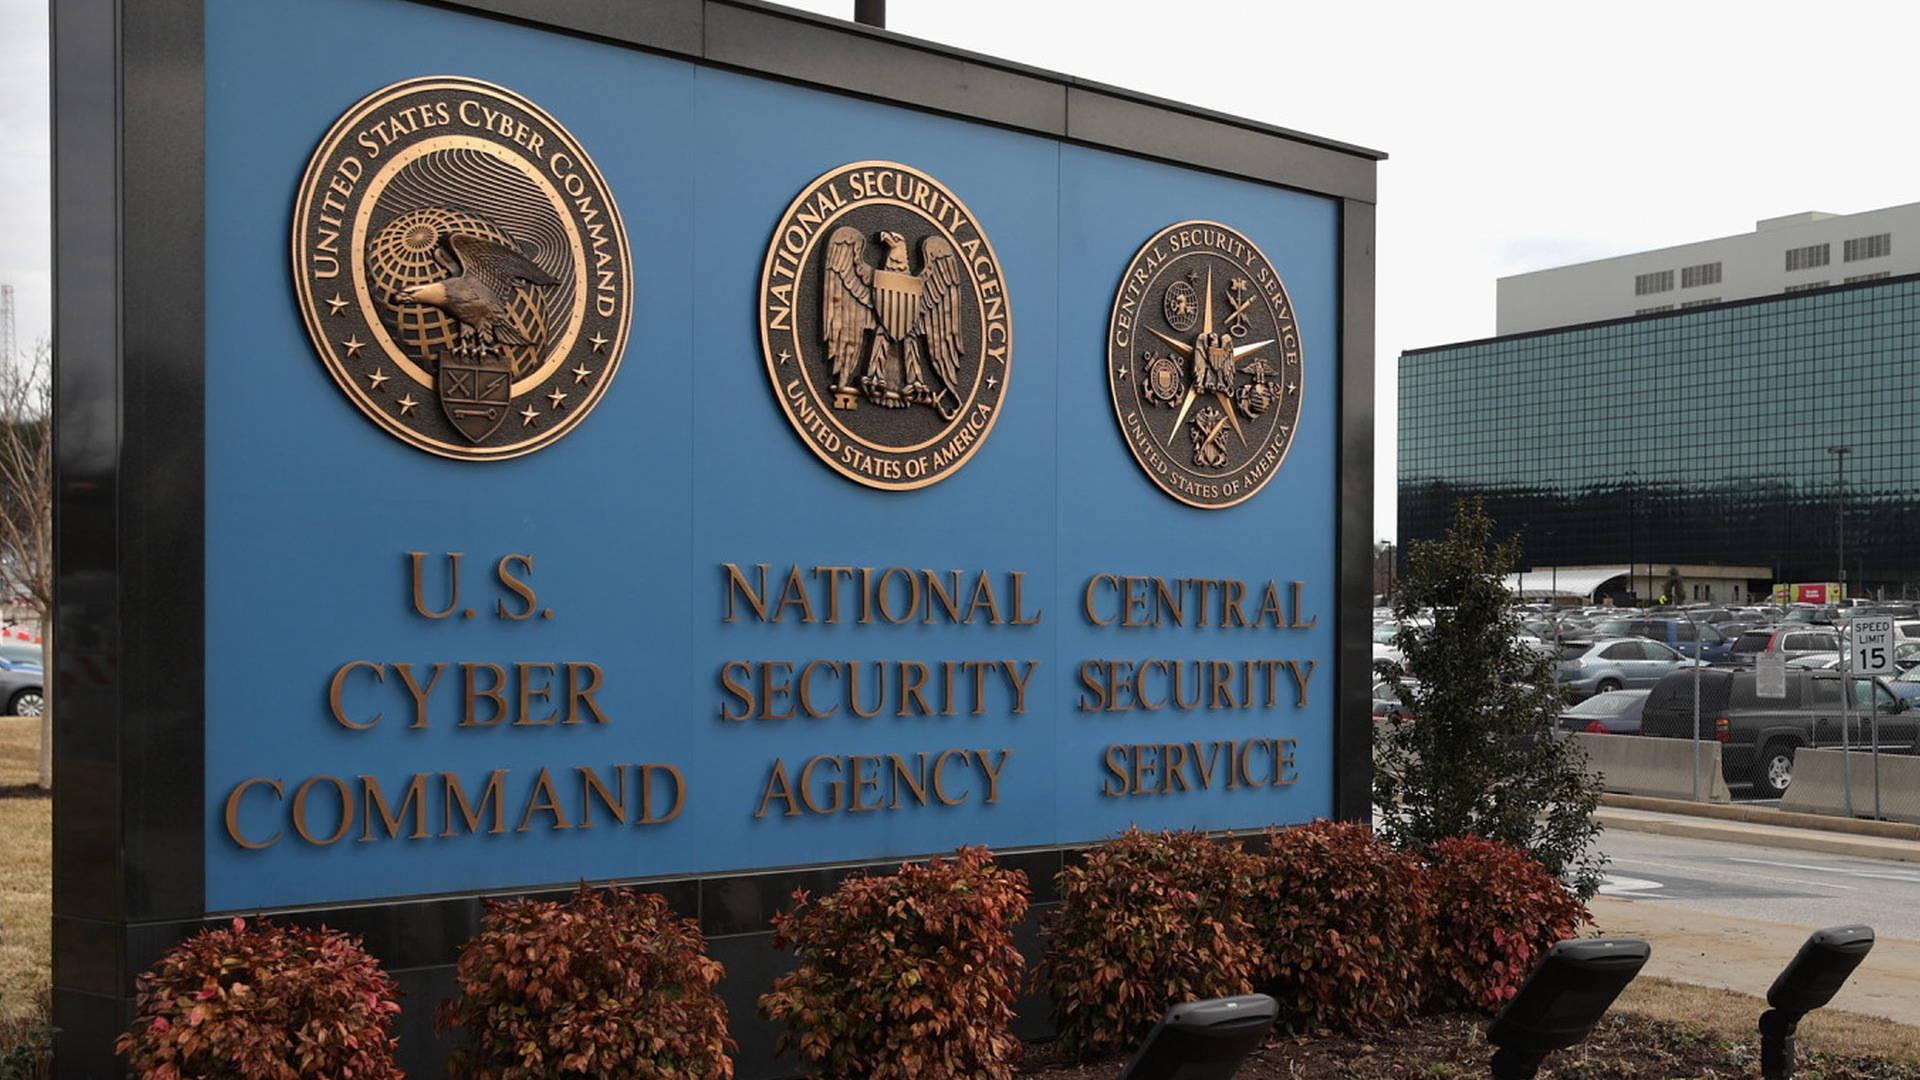 У США арештували підрядника АНБ за витік секретної інформації про  кібератаку РФ Теракт у Лондоні  поліція оприлюднила фото та імена двох  вбитих терористів У ... 8ce10304544ed